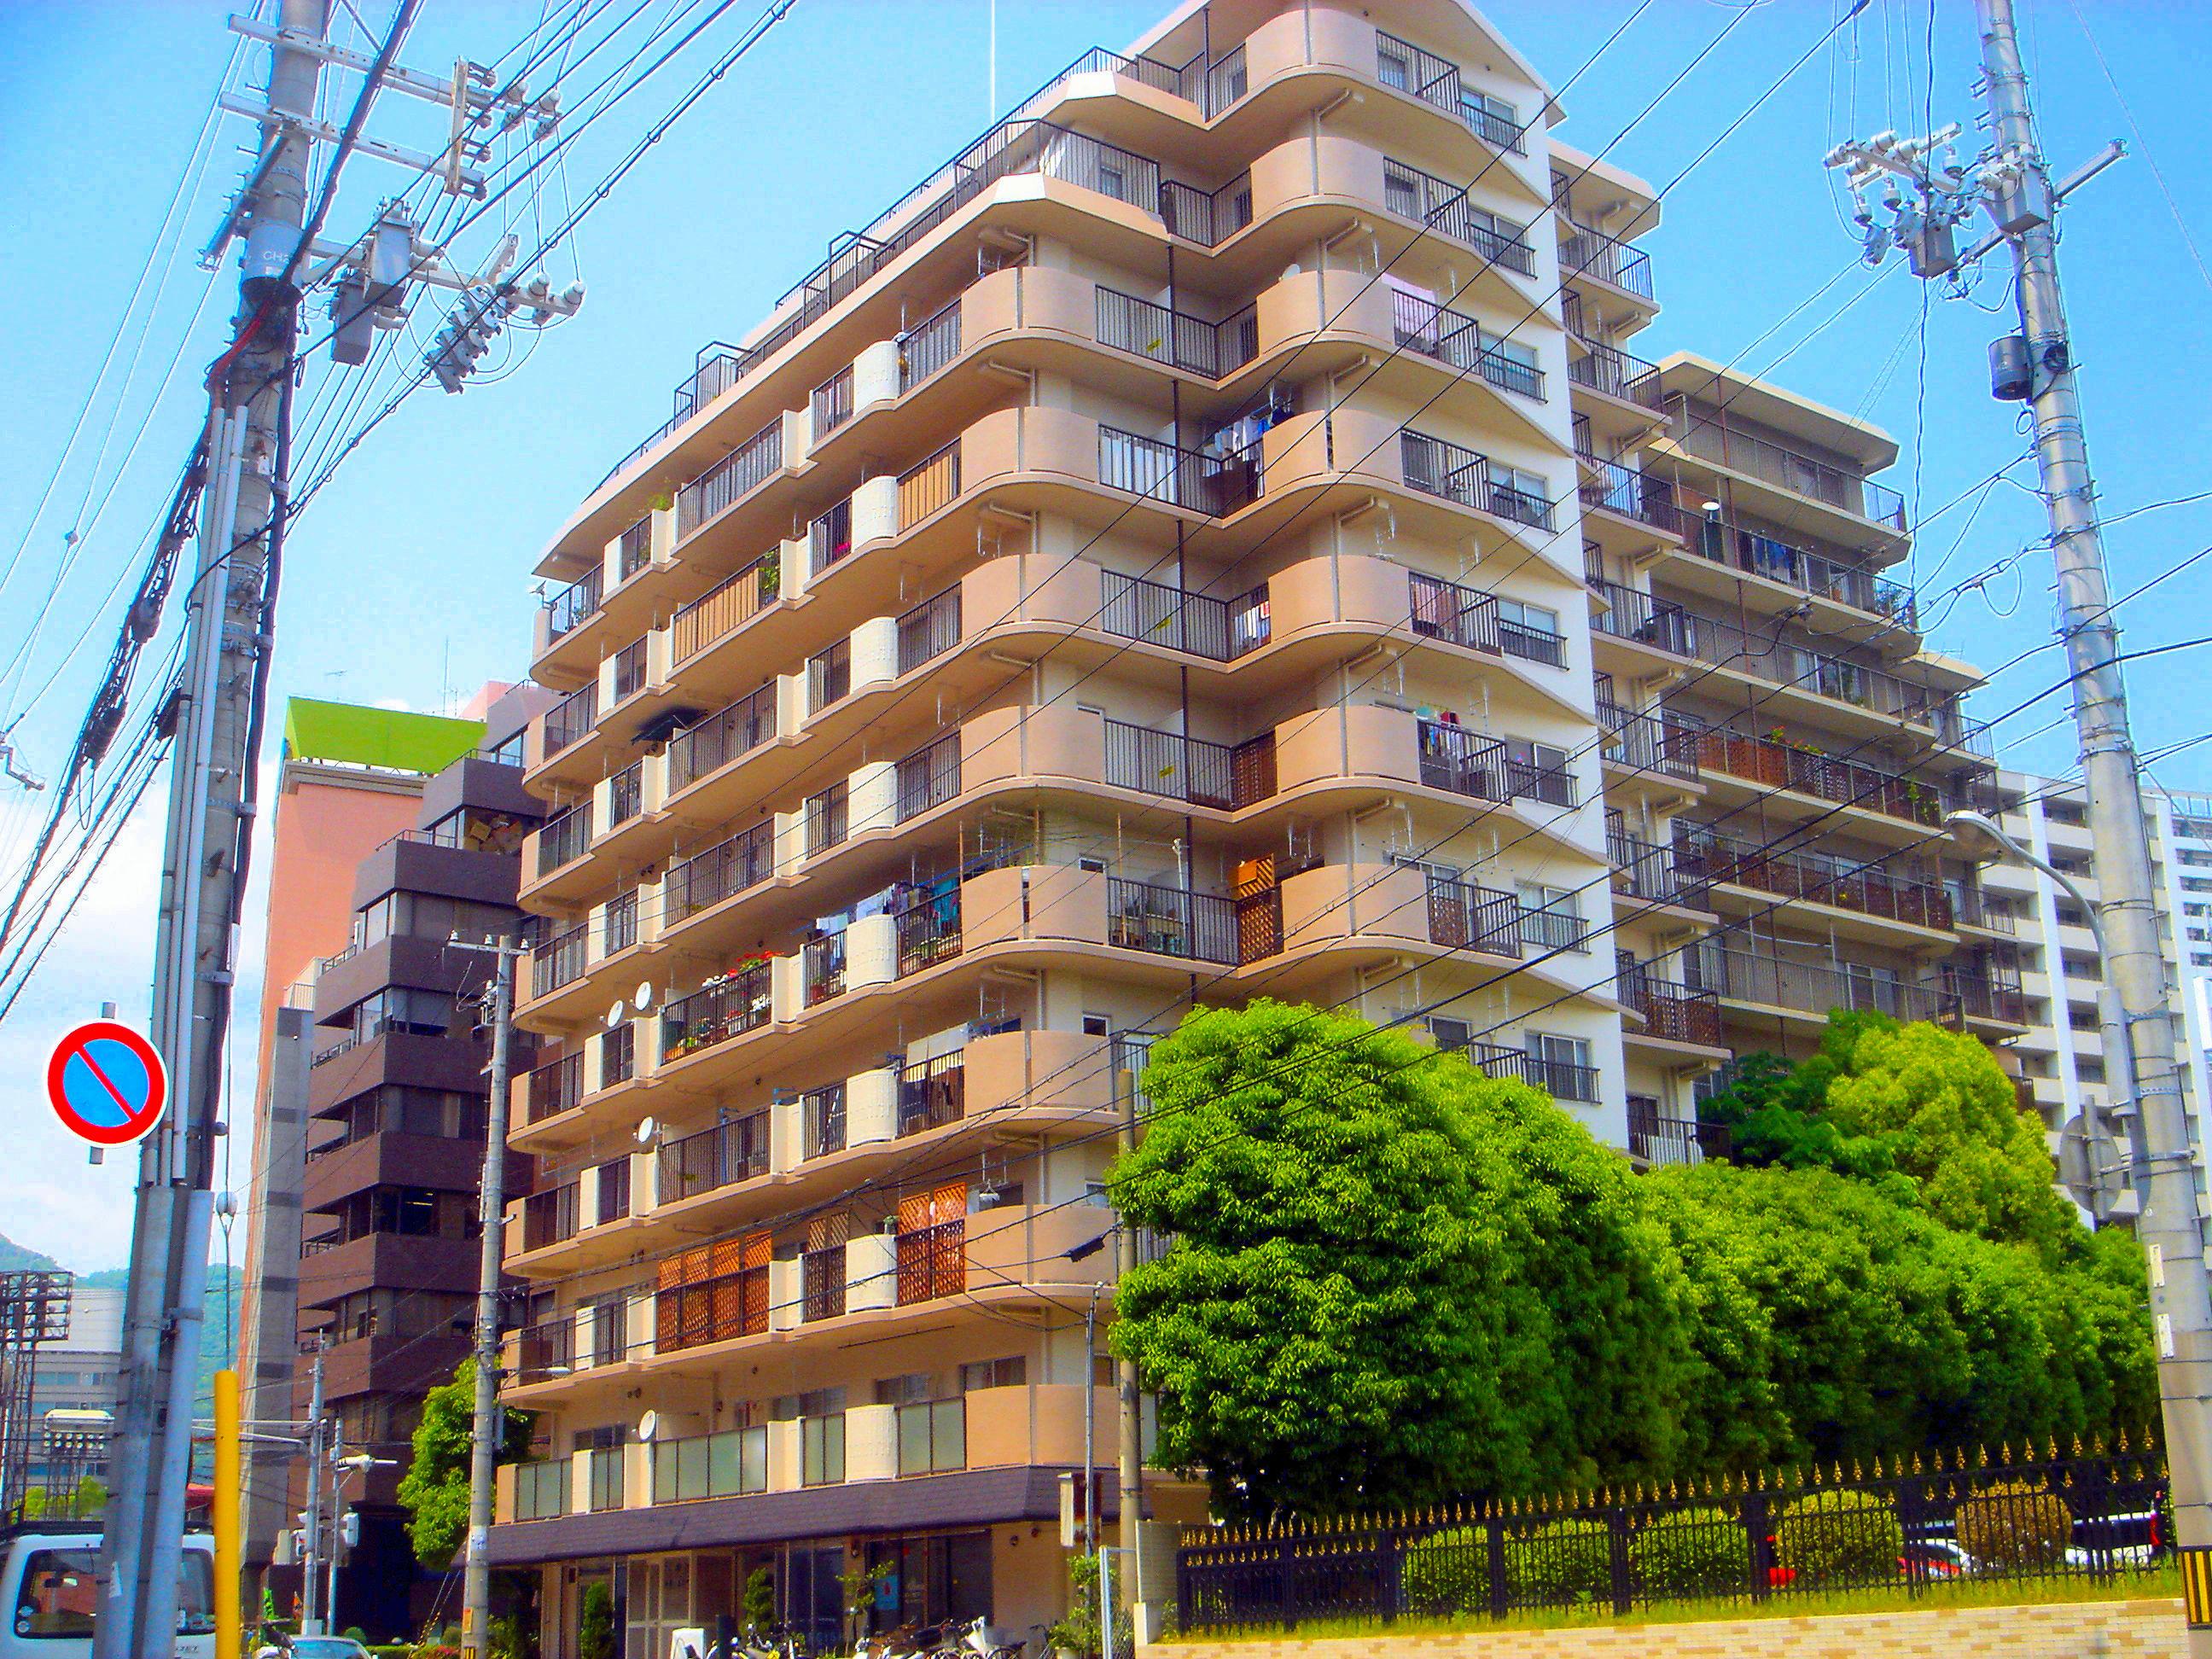 クローバーハイツ三宮大規模修繕工事(兵庫県神戸市)